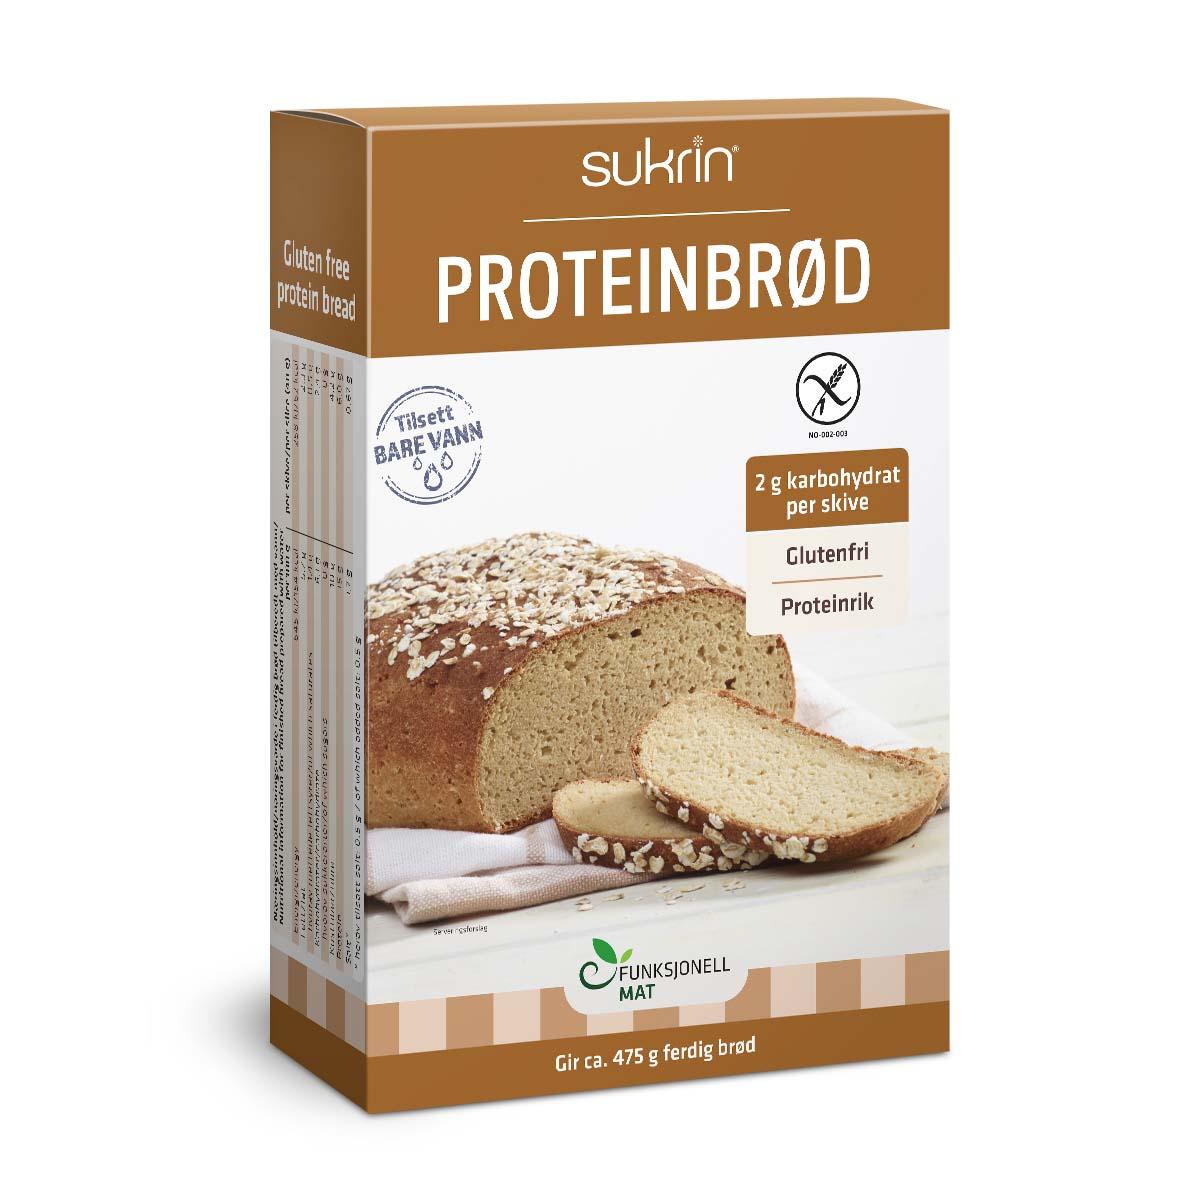 Funksjonell proteinbrød brødmiks 220 gr